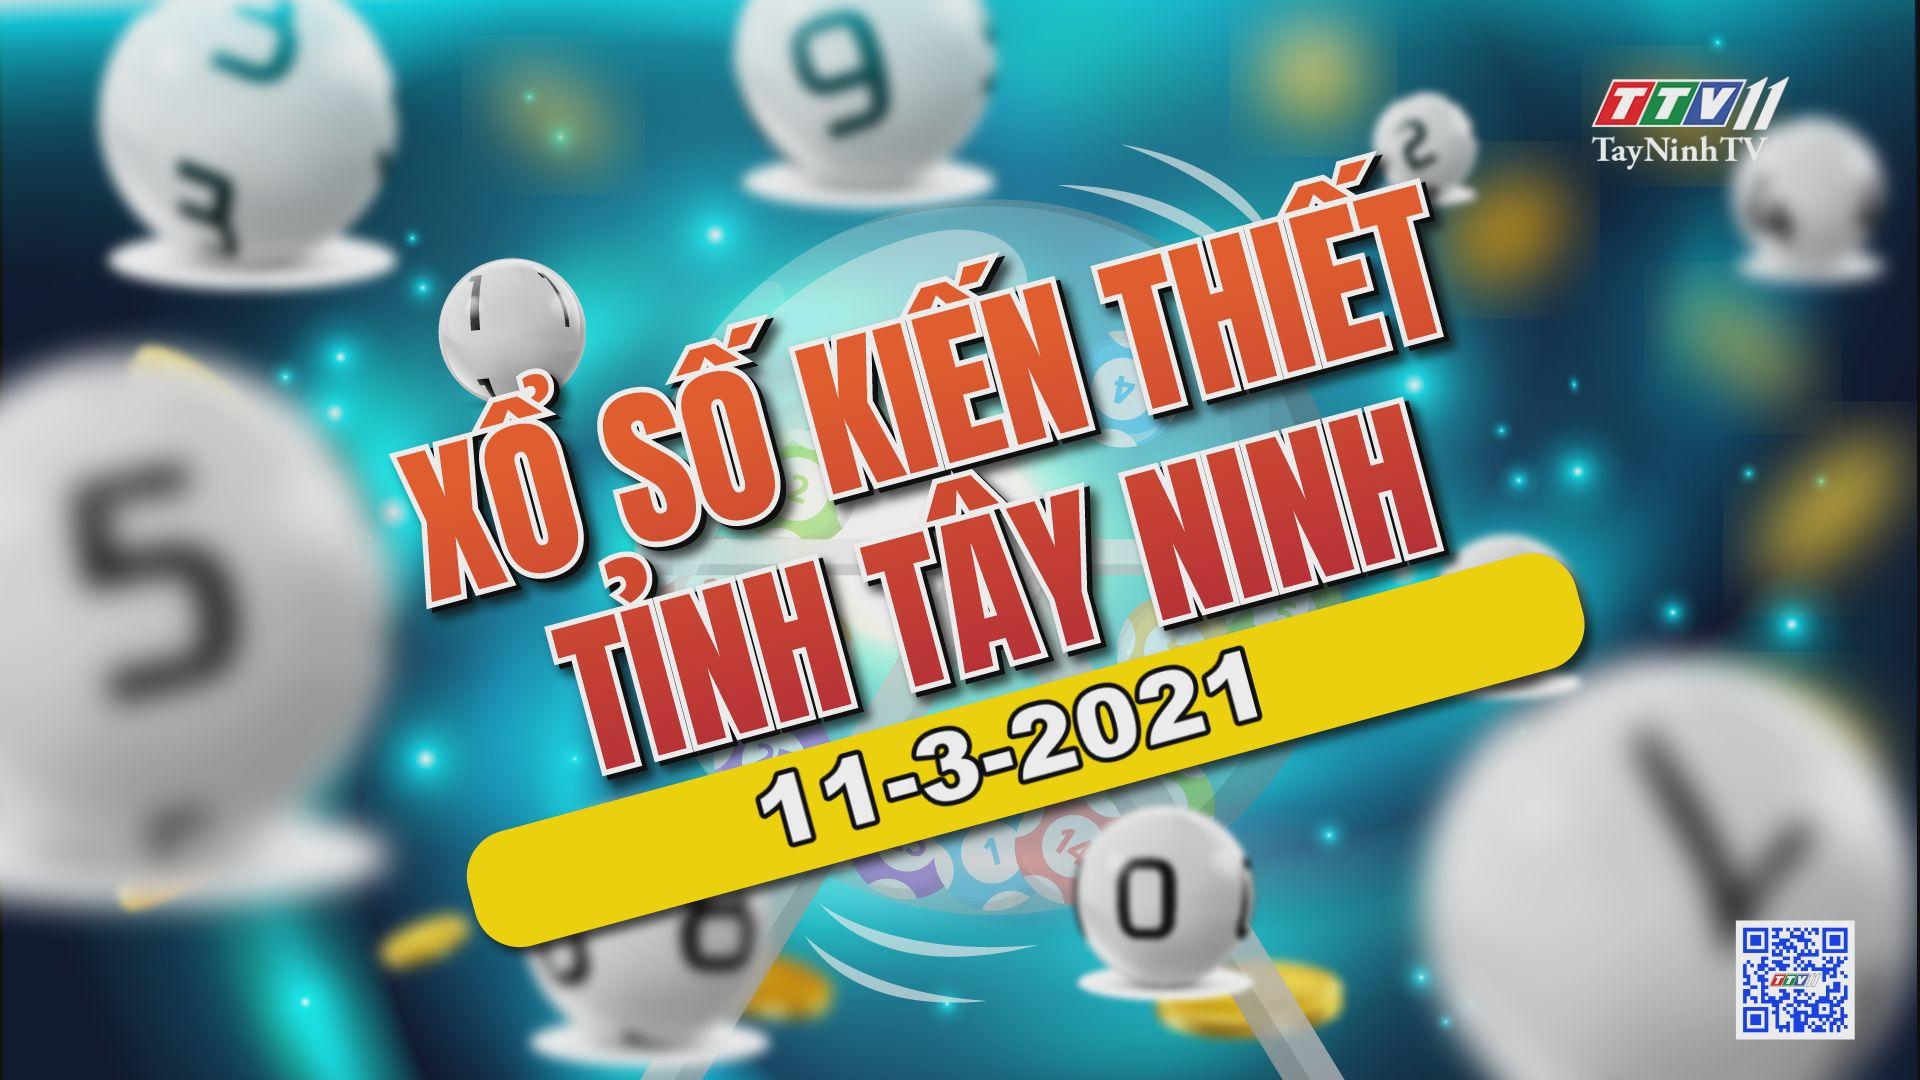 Trực tiếp Xổ số Tây Ninh ngày 11-3-2021 | TayNinhTVE